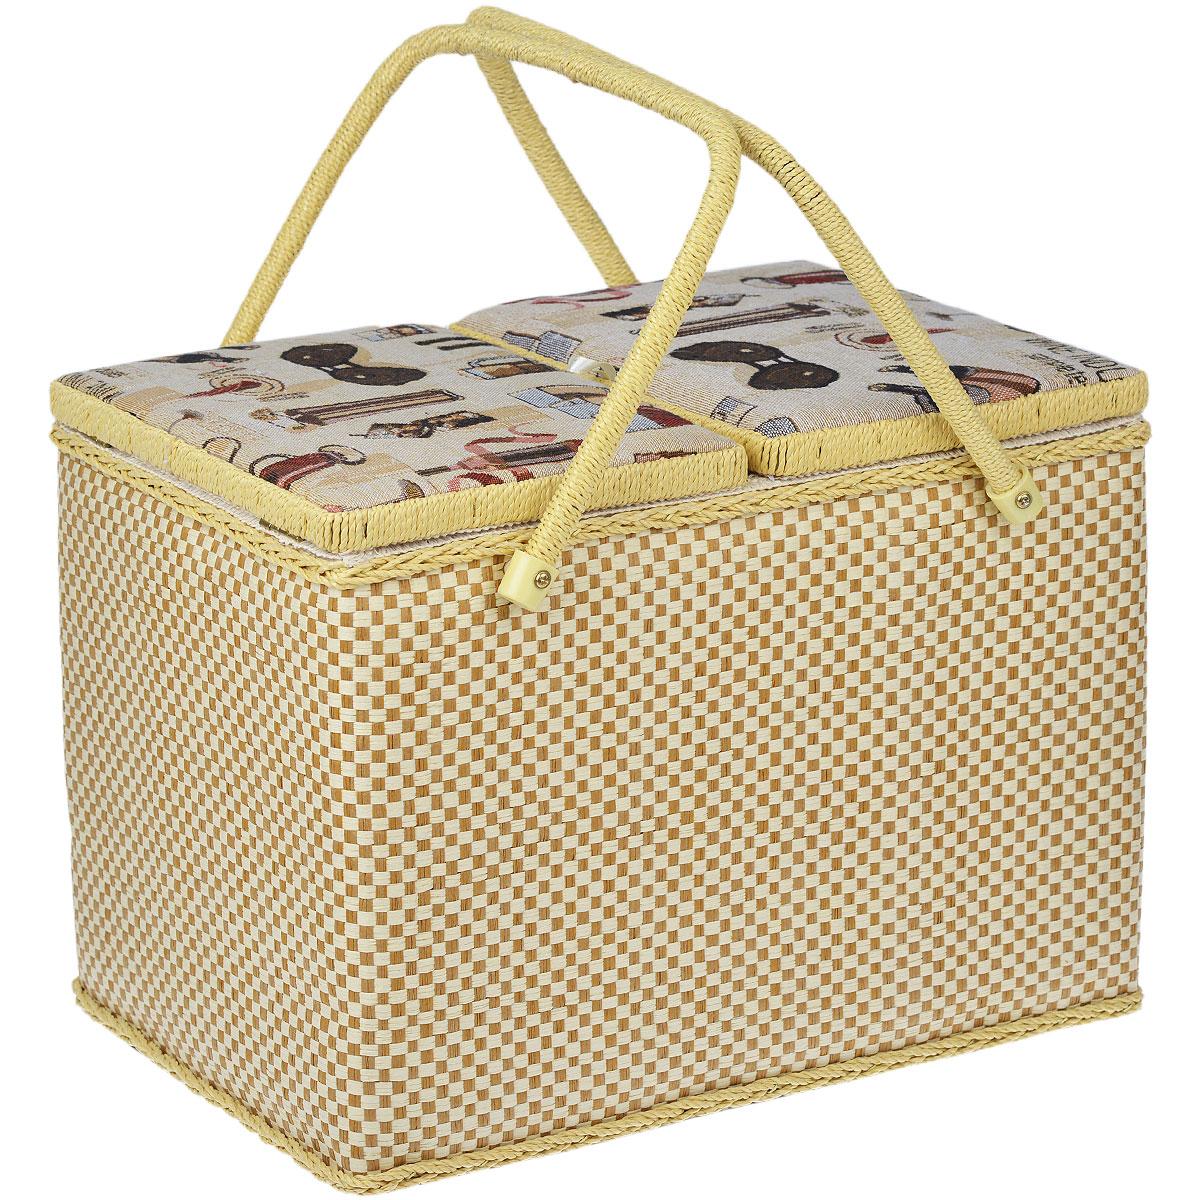 Шкатулка для рукоделия Винная лавкаNF-13101Набор состоит из двух прямоугольных шкатулок для рукоделия. Изделия обтянуты текстилем с красивой цветочной вышивкой. Шкатулки закрываются хлястиком на липучку. Внутри большой шкатулки содержится кармашек на резинке, подушечка для иголок и булавок, а также съемный пластиковый лоток с 8 ячейками разного размера. Изделия оснащены удобными плетеными ручками. Изящные шкатулки с ярким дизайном предназначены для хранения мелочей, принадлежностей для шитья и творчества и других аксессуаров. Они красиво оформят интерьер комнаты и помогут хранить ваши вещи в порядке. Прекрасный подарок для рукодельницы.